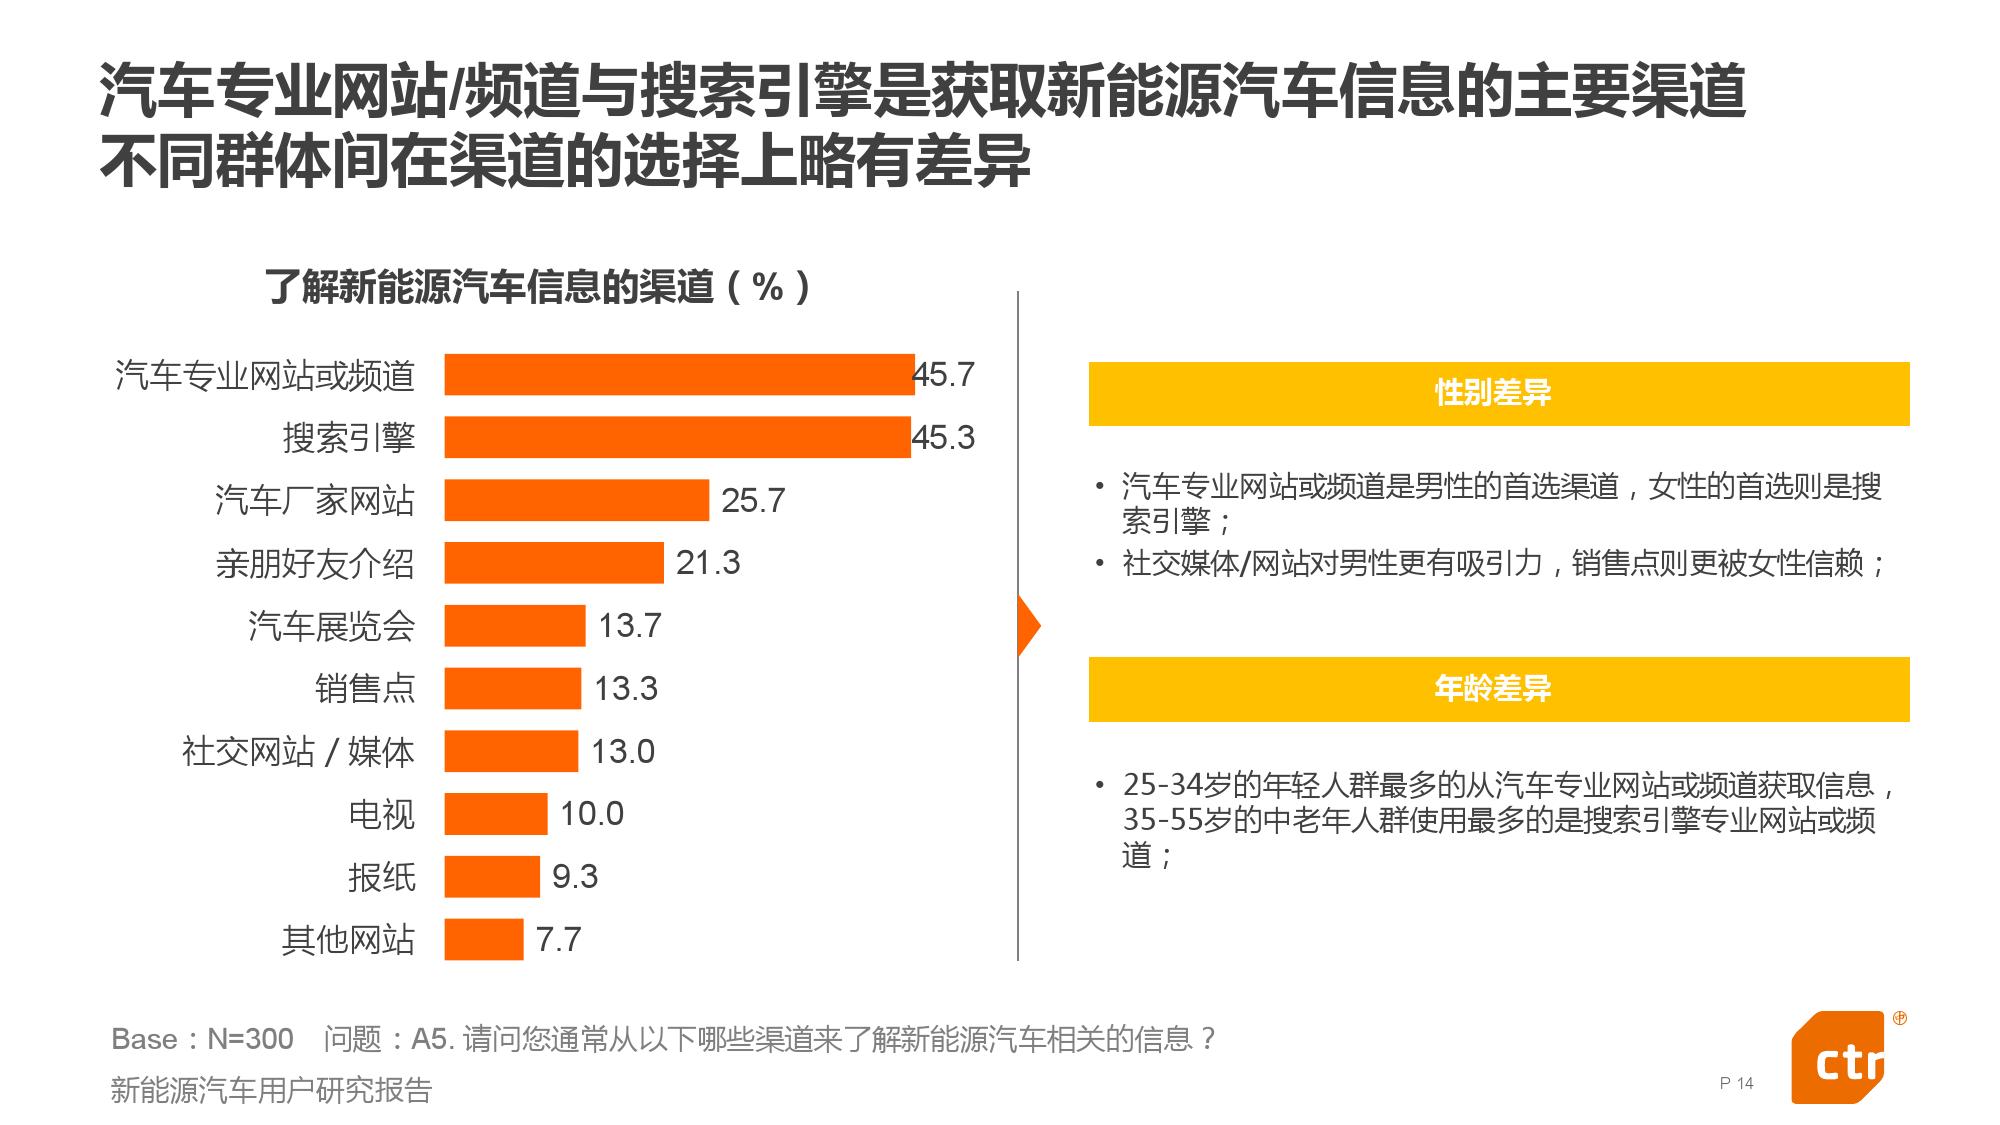 新能源汽车用户研究报告_000014